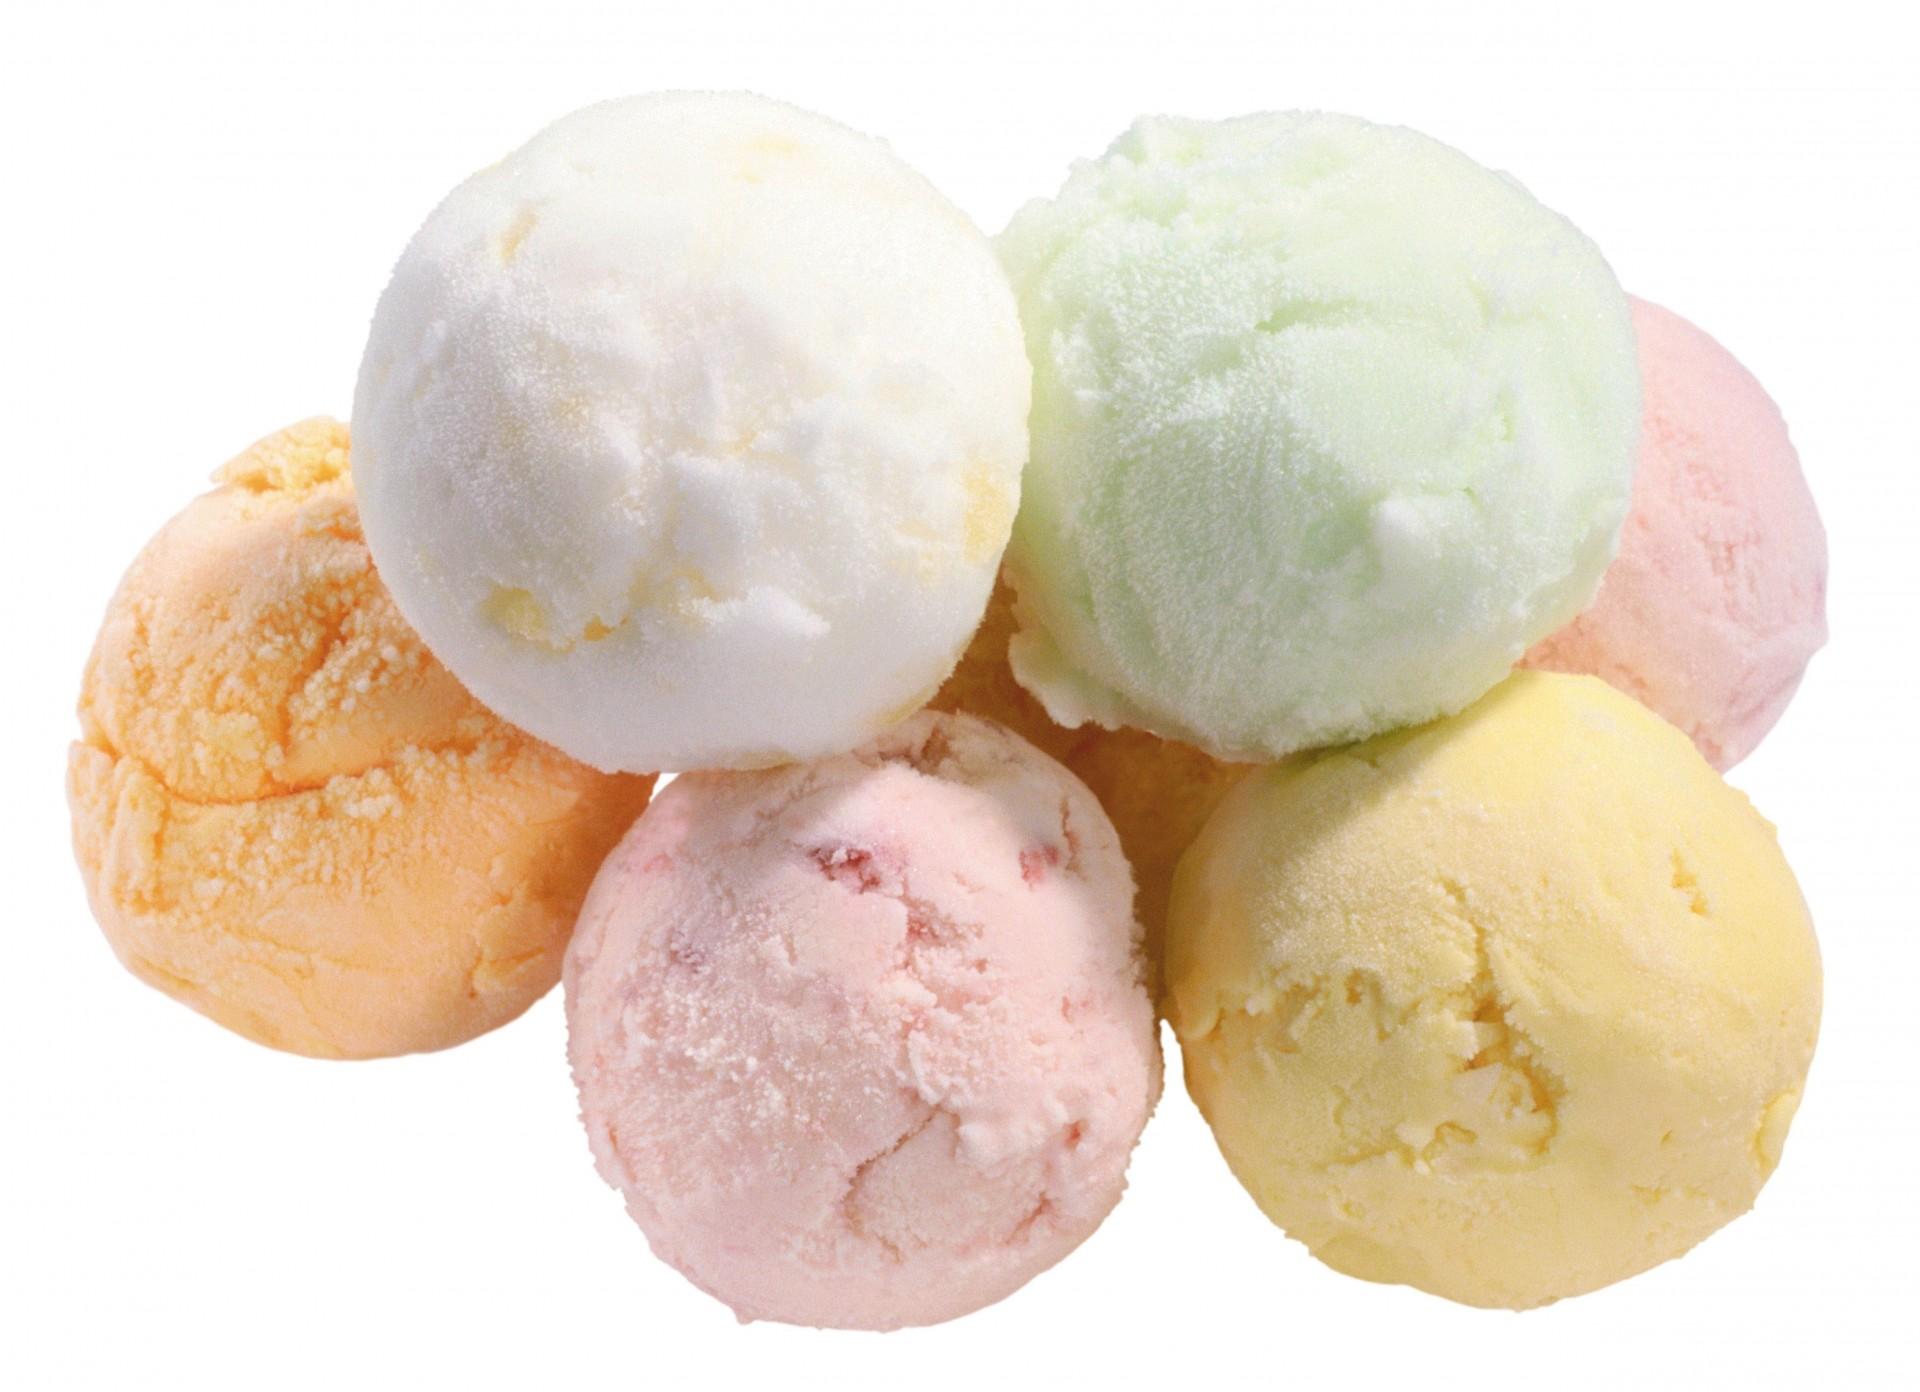 плюс мороженое на белом фоне фото нижнем тагиле количество